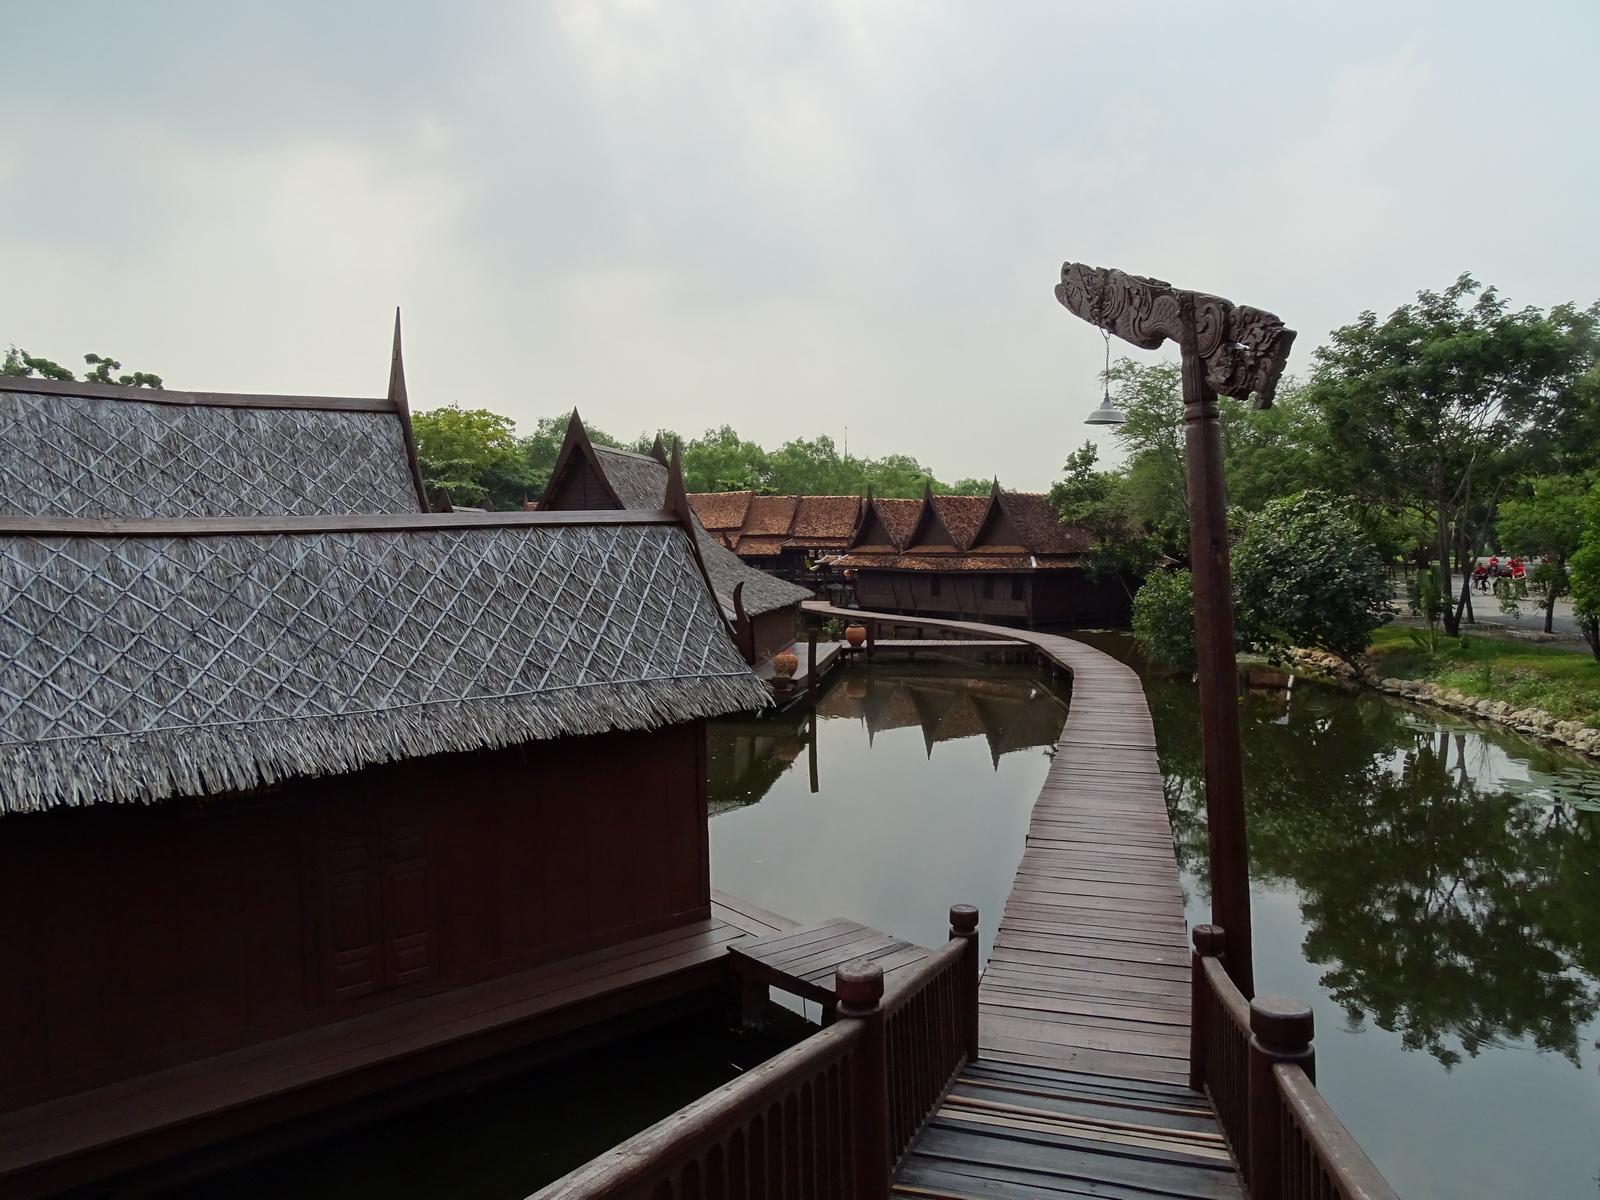 05 Mueang Boran 13